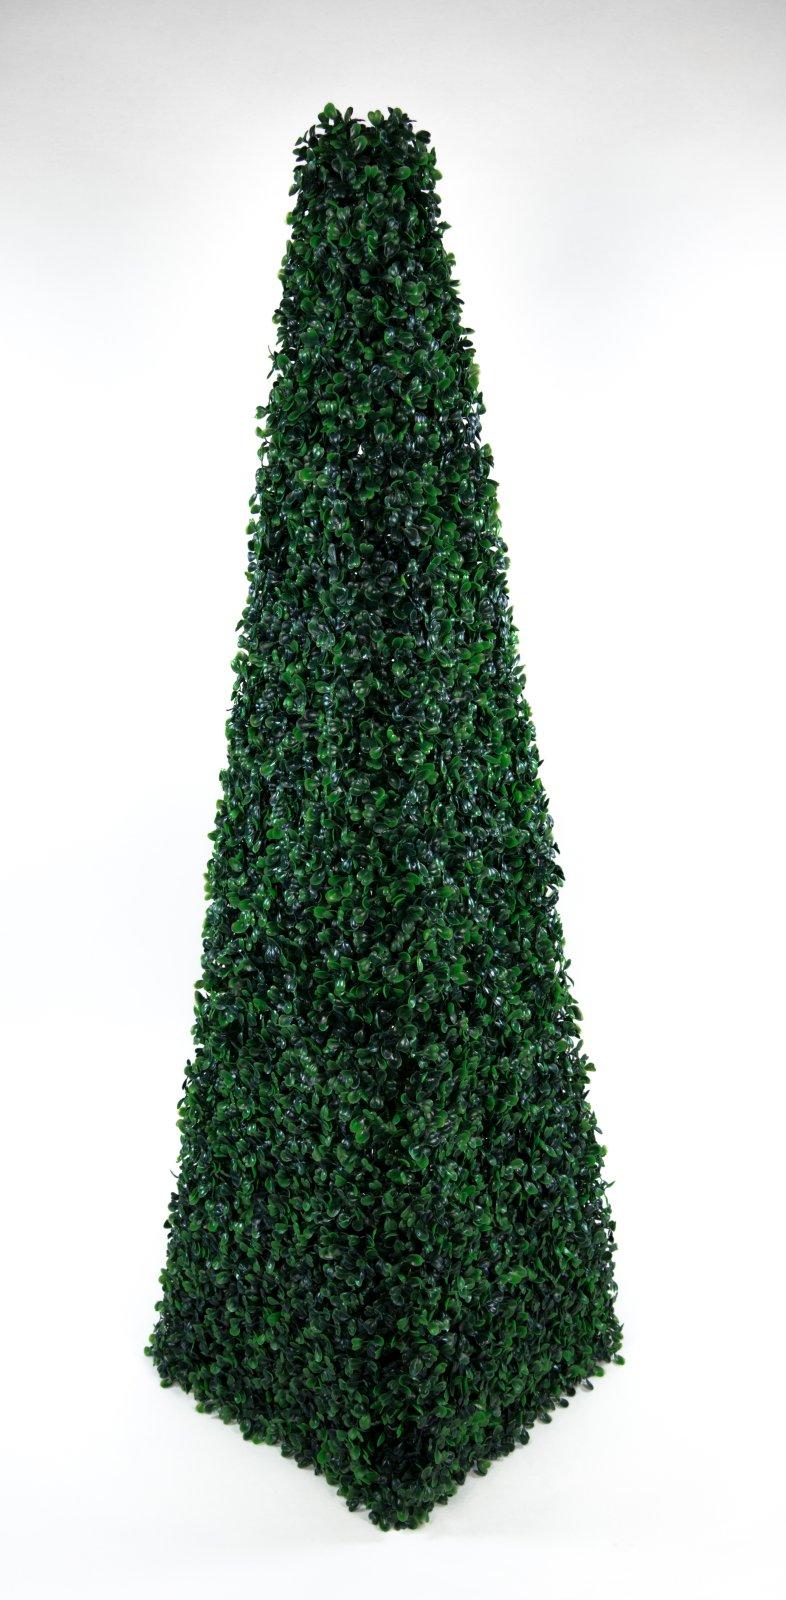 2 st ck buchspyramide 100cm k nstliche buchsbaumpyramide pflanzen kunstpflanzen ebay. Black Bedroom Furniture Sets. Home Design Ideas